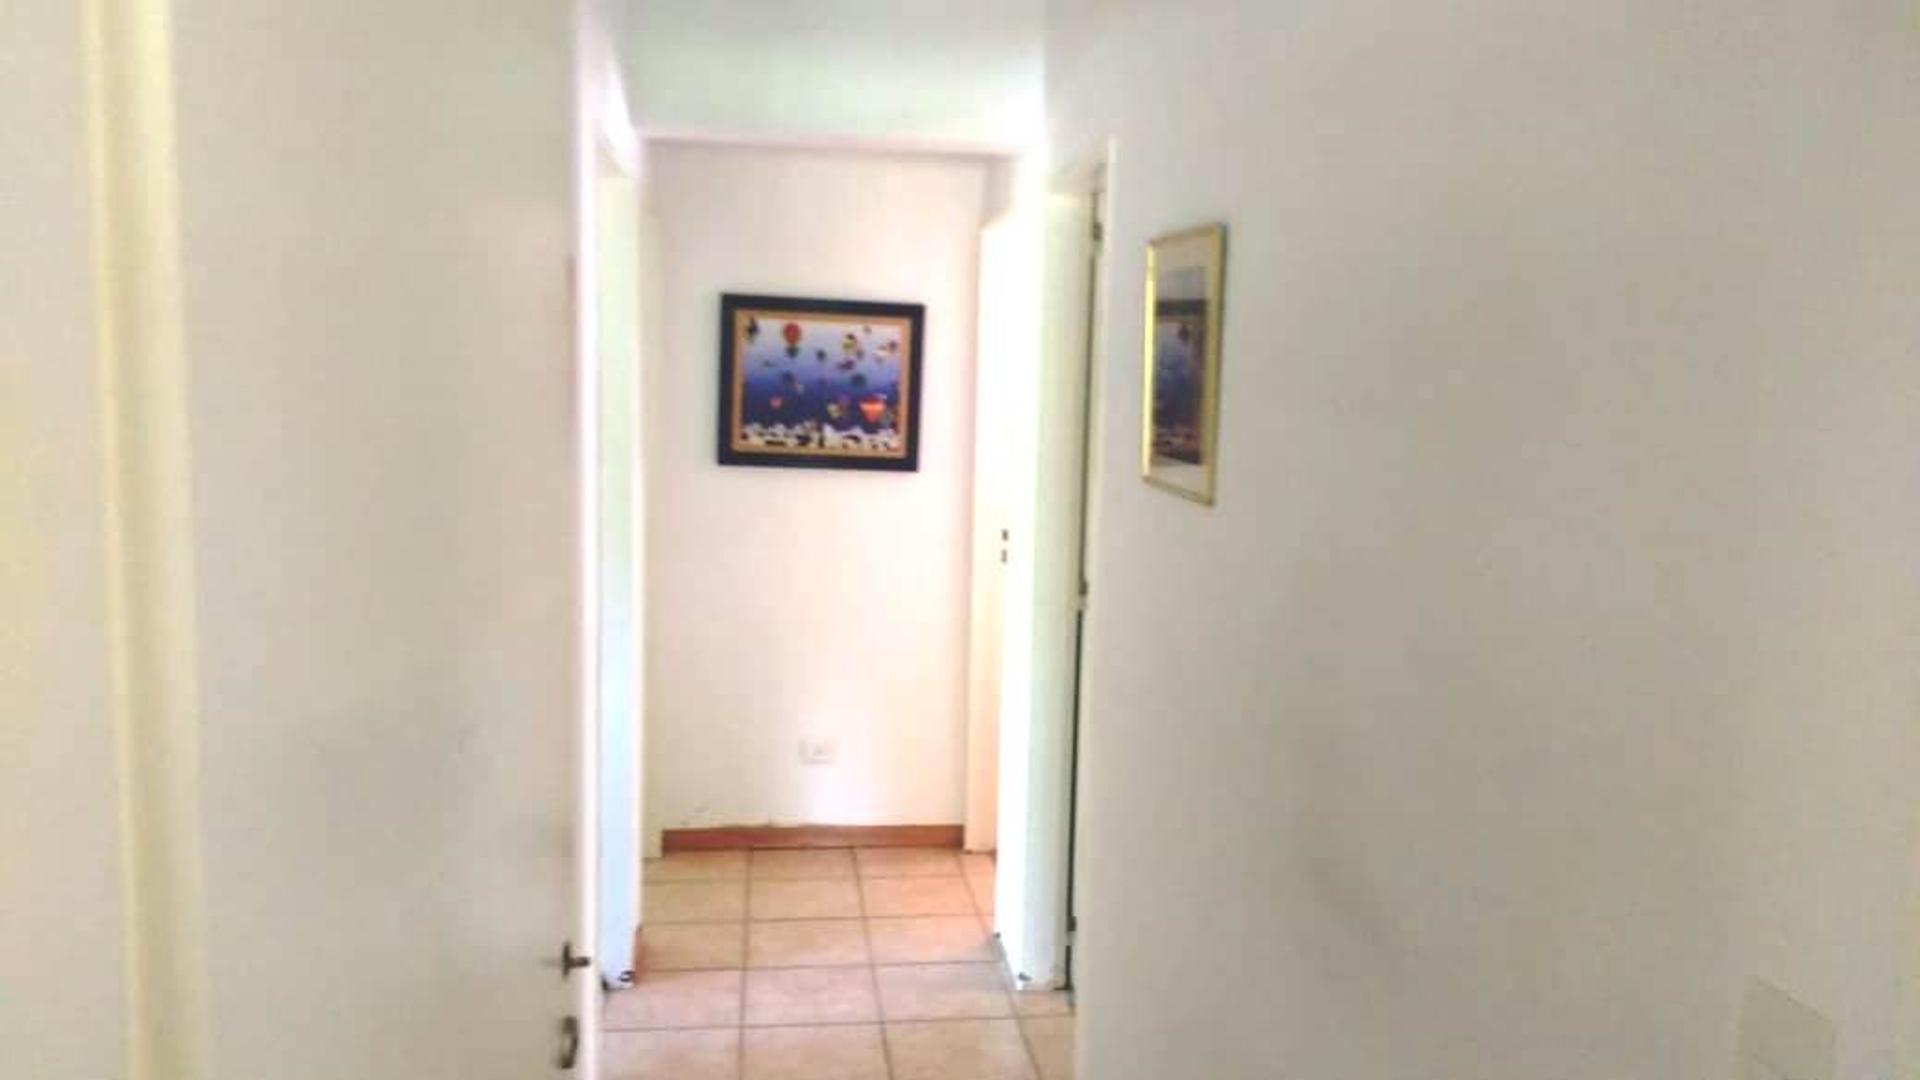 B° ROBLES DEL MONARCA PILAR (km 48)  LOS PLÁTANOS Y BLANES CASA EN UNA PLANTA  3 dorm. CON PILETA  - Foto 14